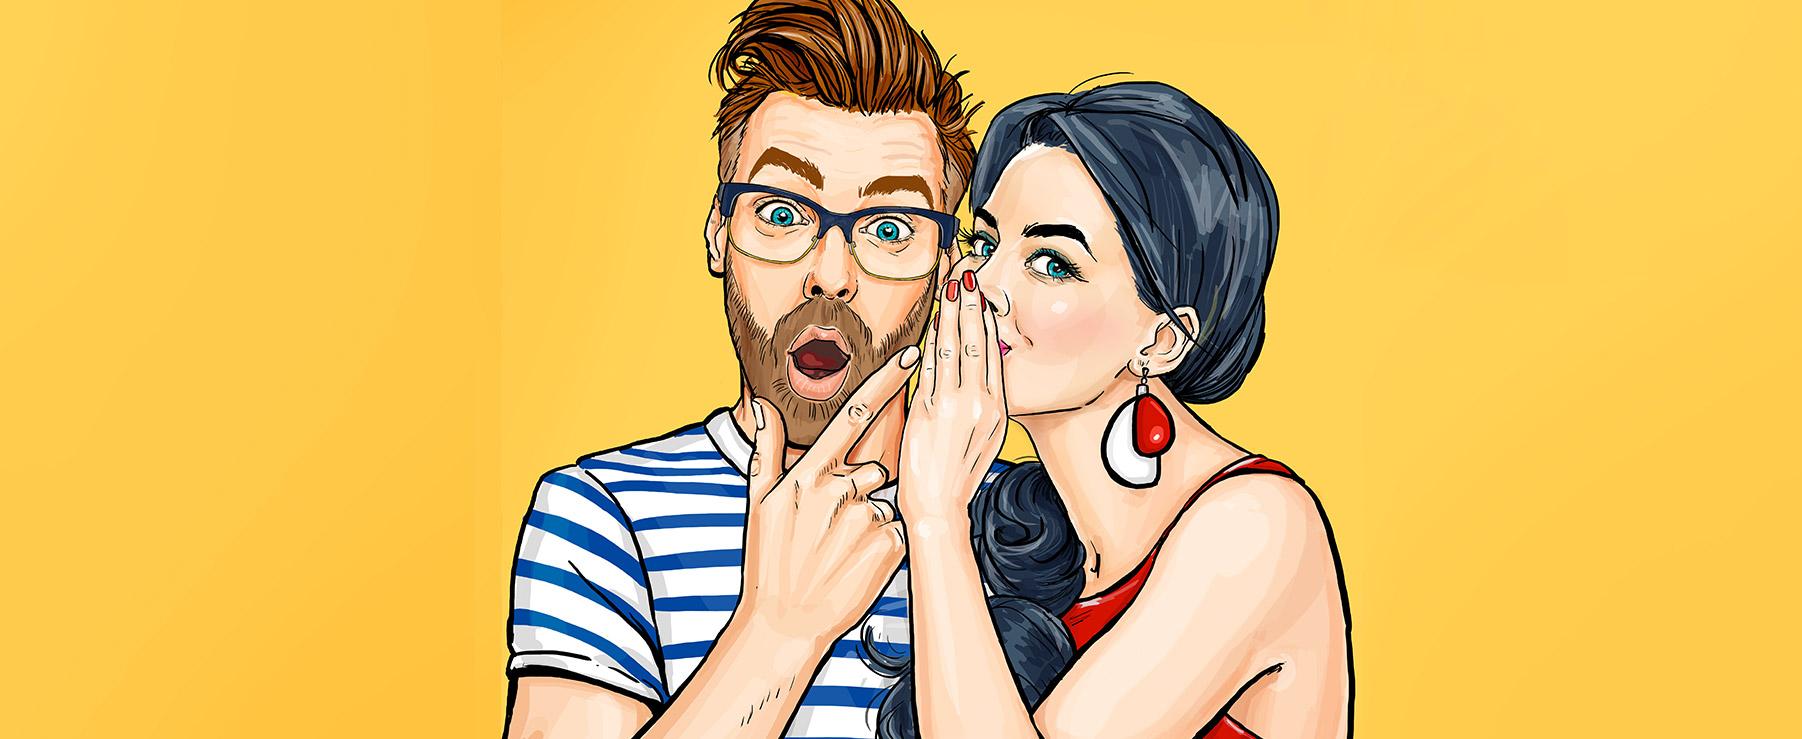 Frau flüstert Mann mit brille im Retro Stil ins Ohr, Mann schaut begeistert